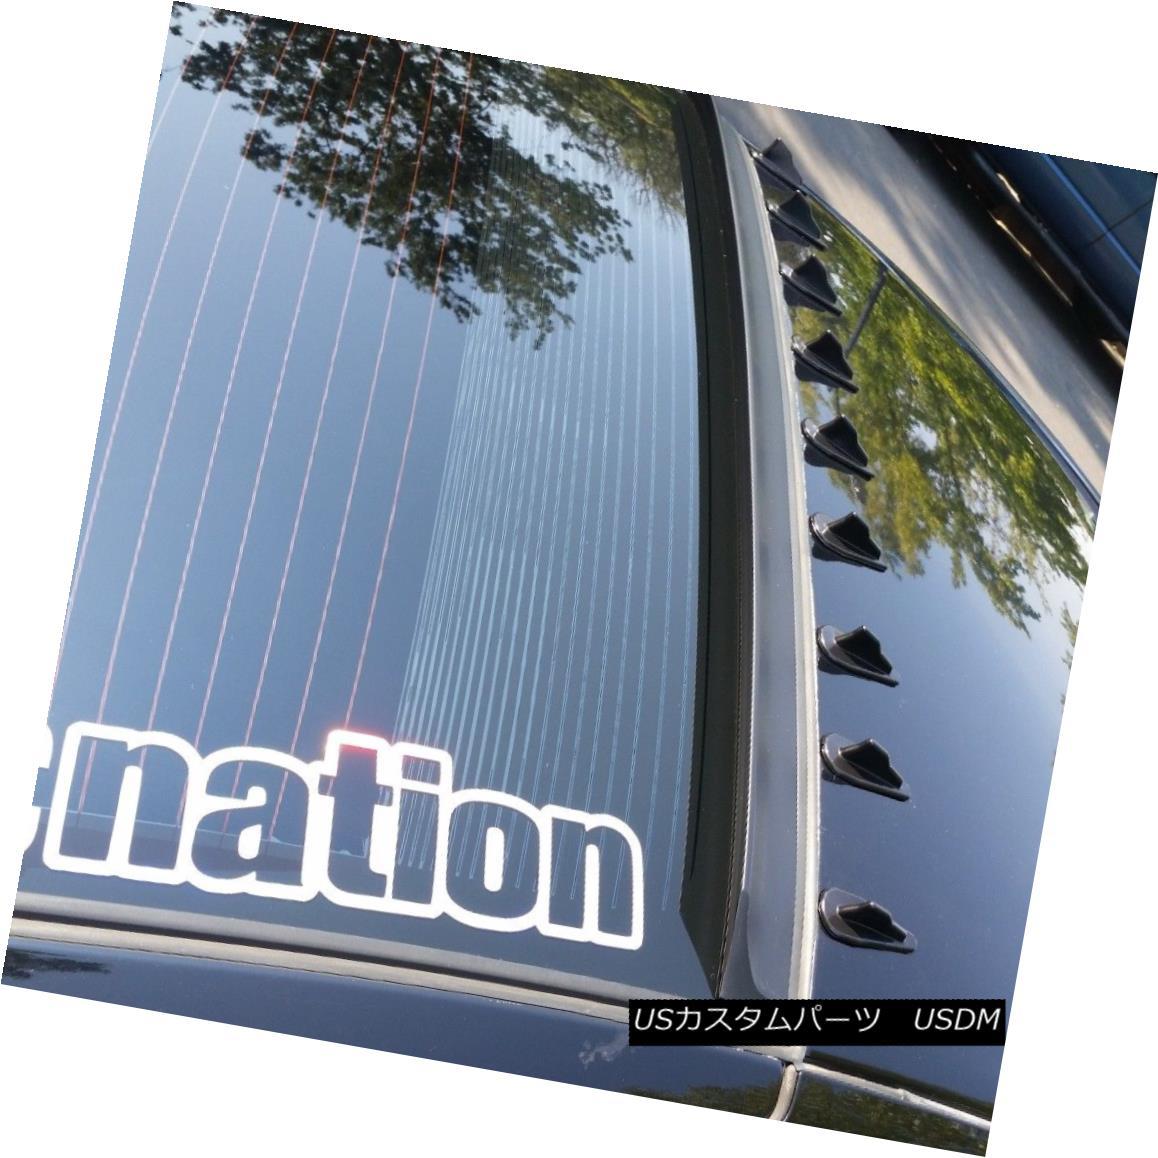 エアロパーツ Flat Black LRS Style Rear Roof Spoiler For Dodge Charger SRT8 Sedan 2011-2014 ? ダッジチャージャーSRT8セダン2011-2014のフラットブラックLRSスタイルのリアルーフスポイラー?